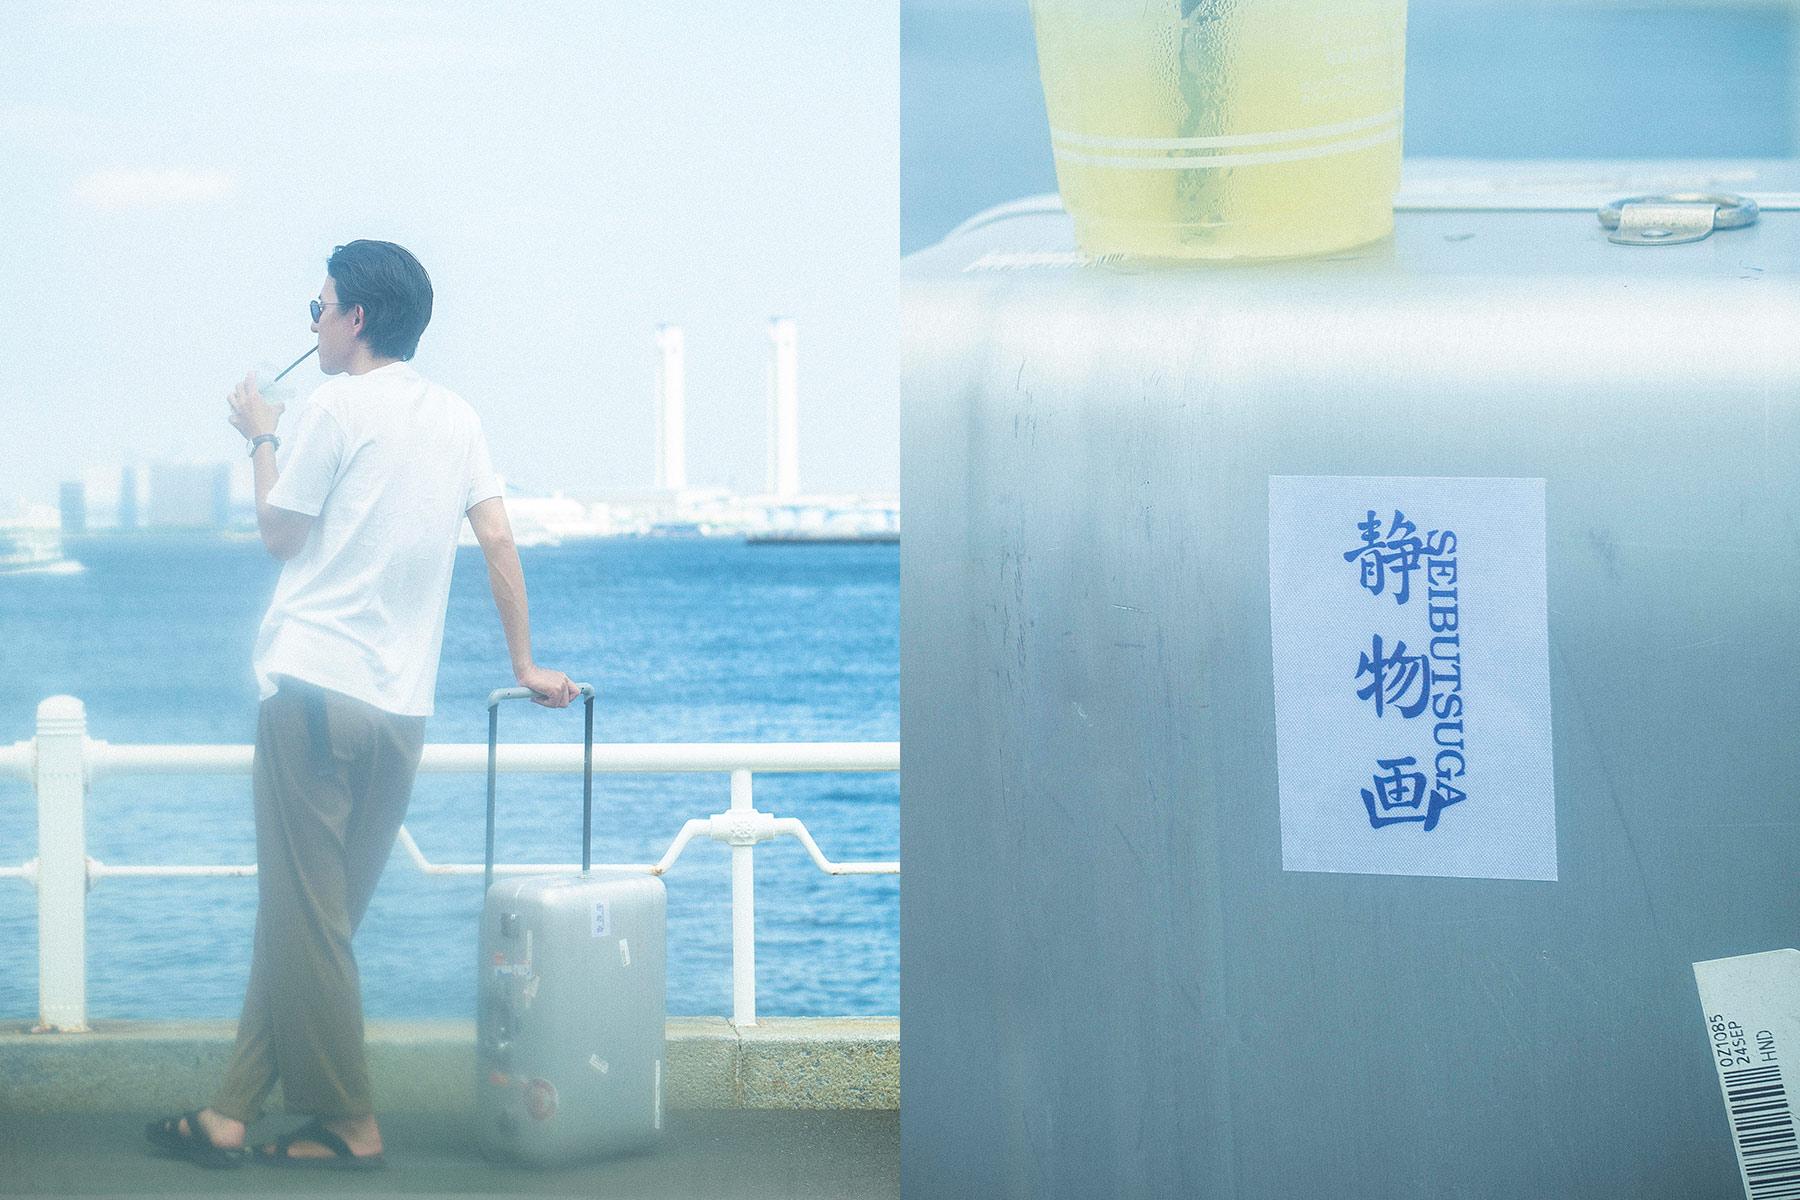 seibutsuga-pon-ding-05